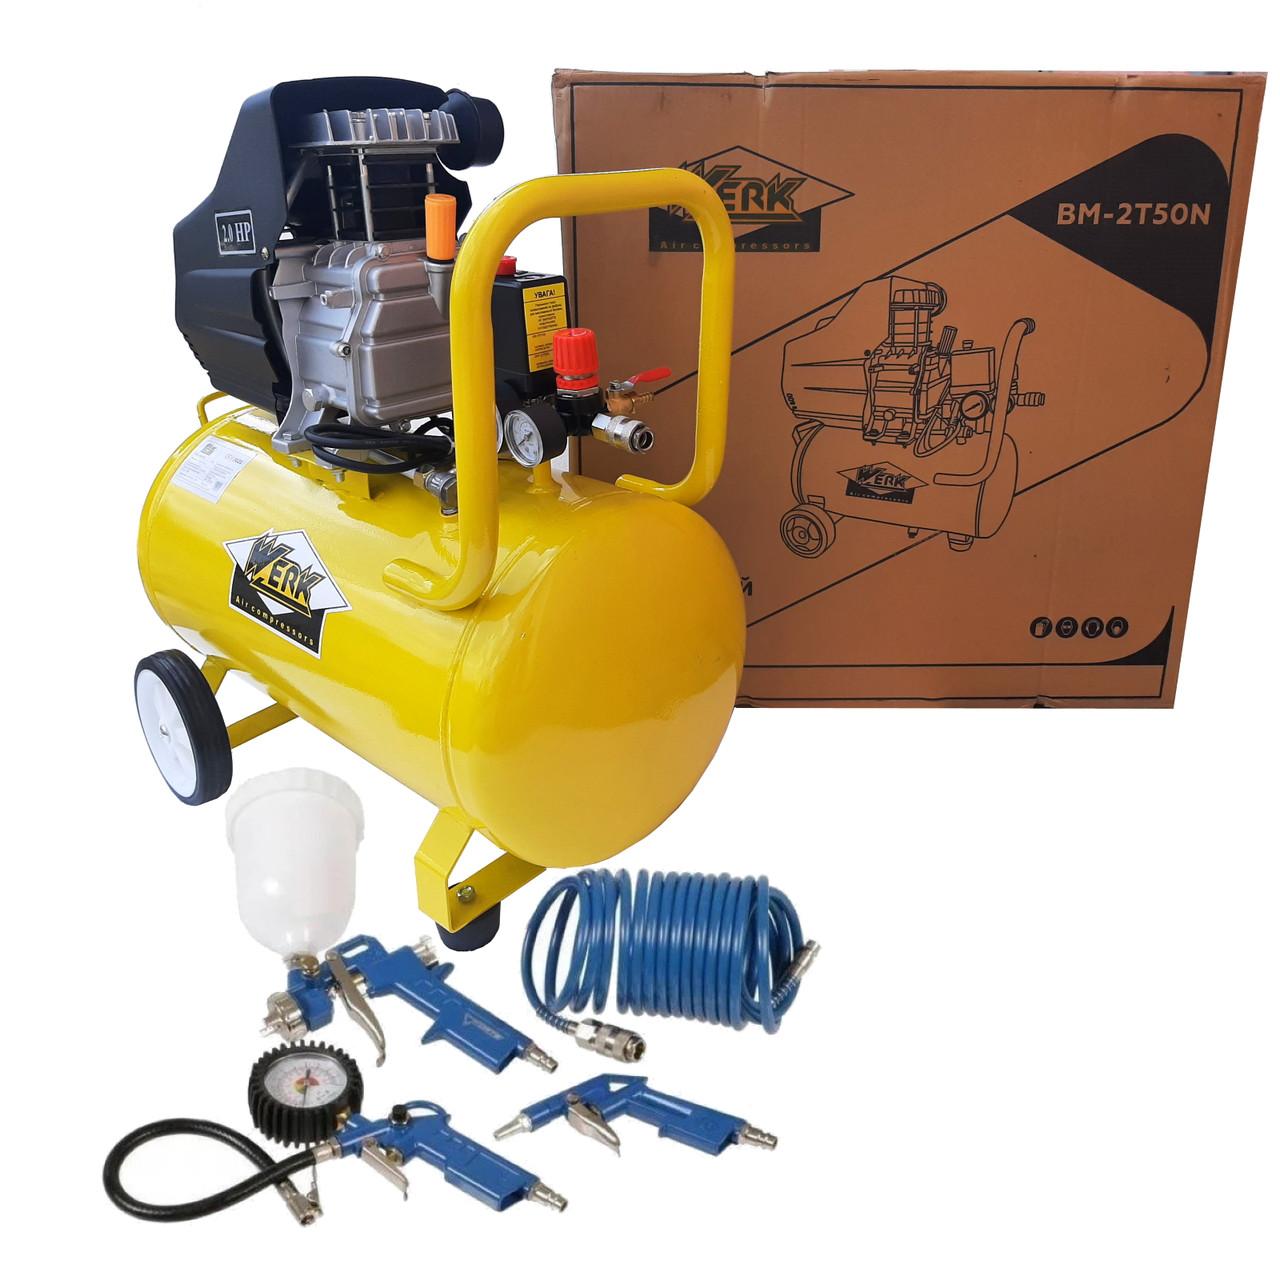 Поршневой компрессор для дома Werk BМ-2T50N Воздушный, 50л с Набором пневмоинструмента на 4 предмета!